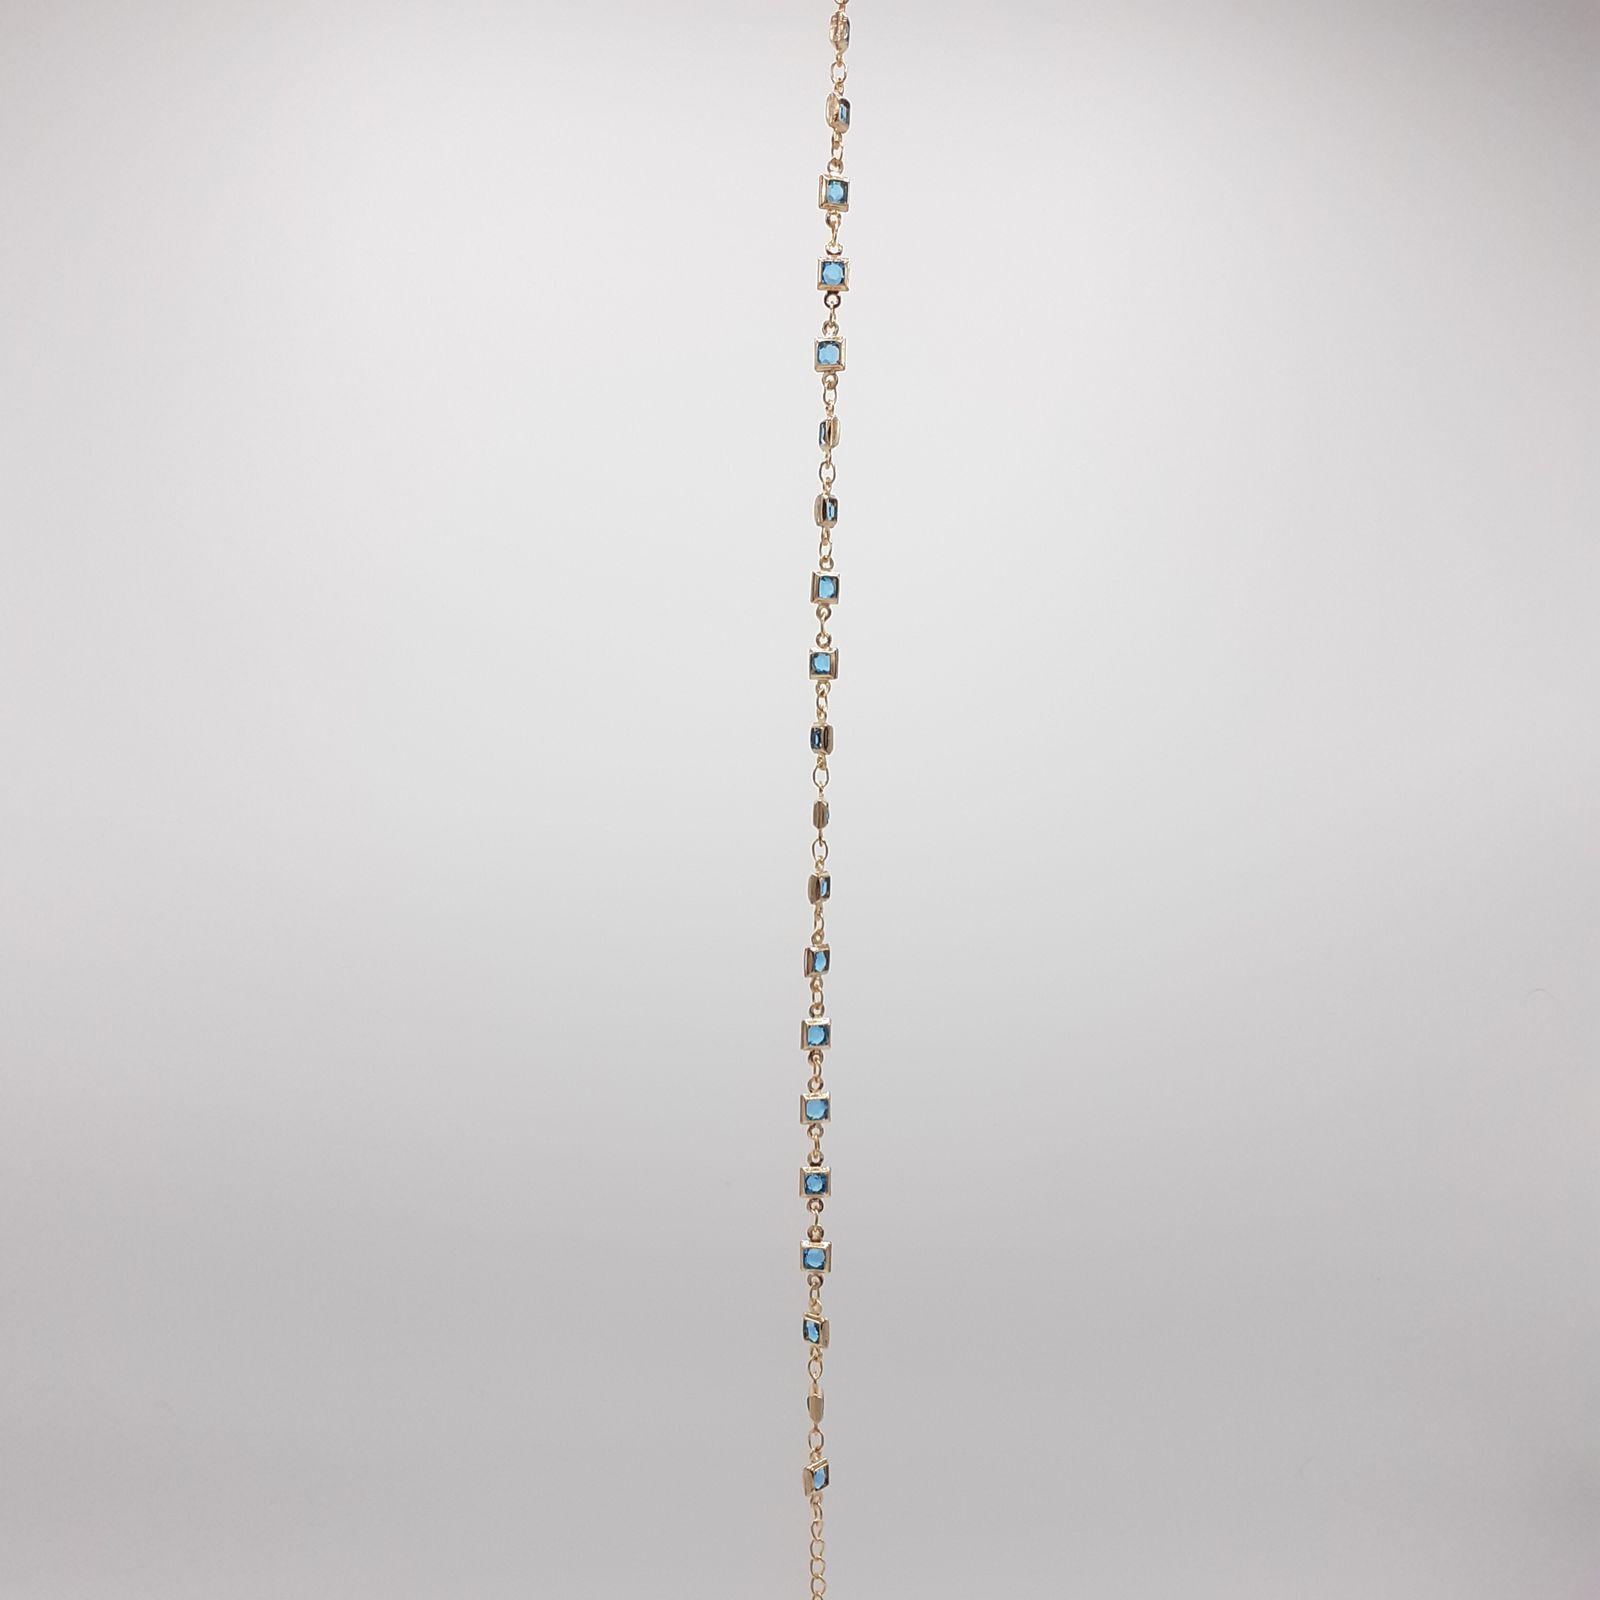 پابند زنانه مدل B5-0001 -  - 2